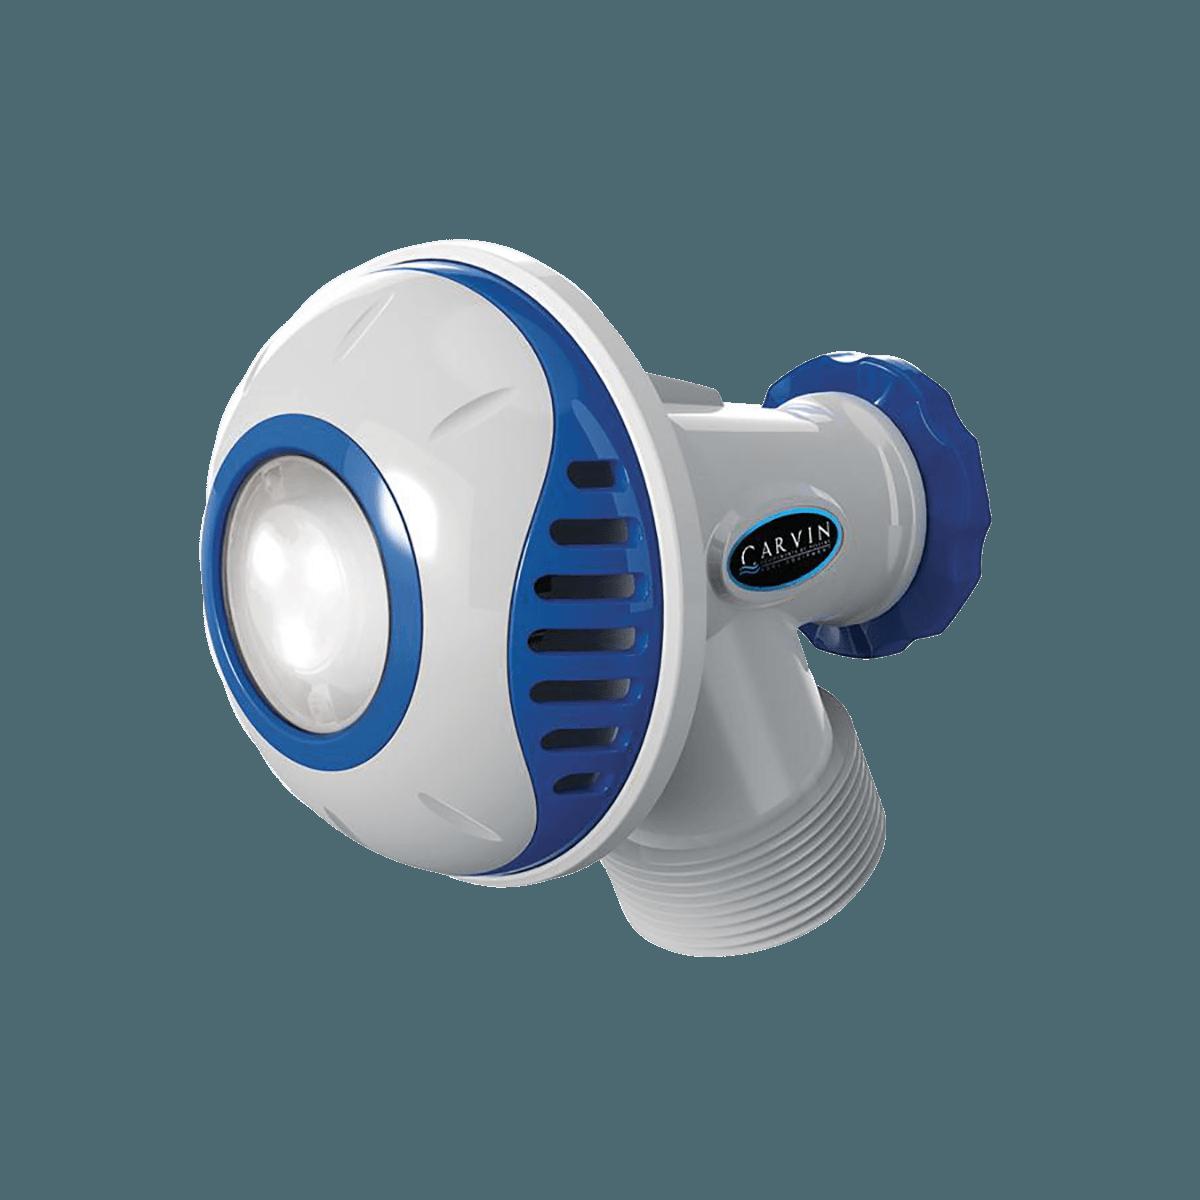 Concevez votre piscine de r ve en 5 tapes concept for Piscine design concept